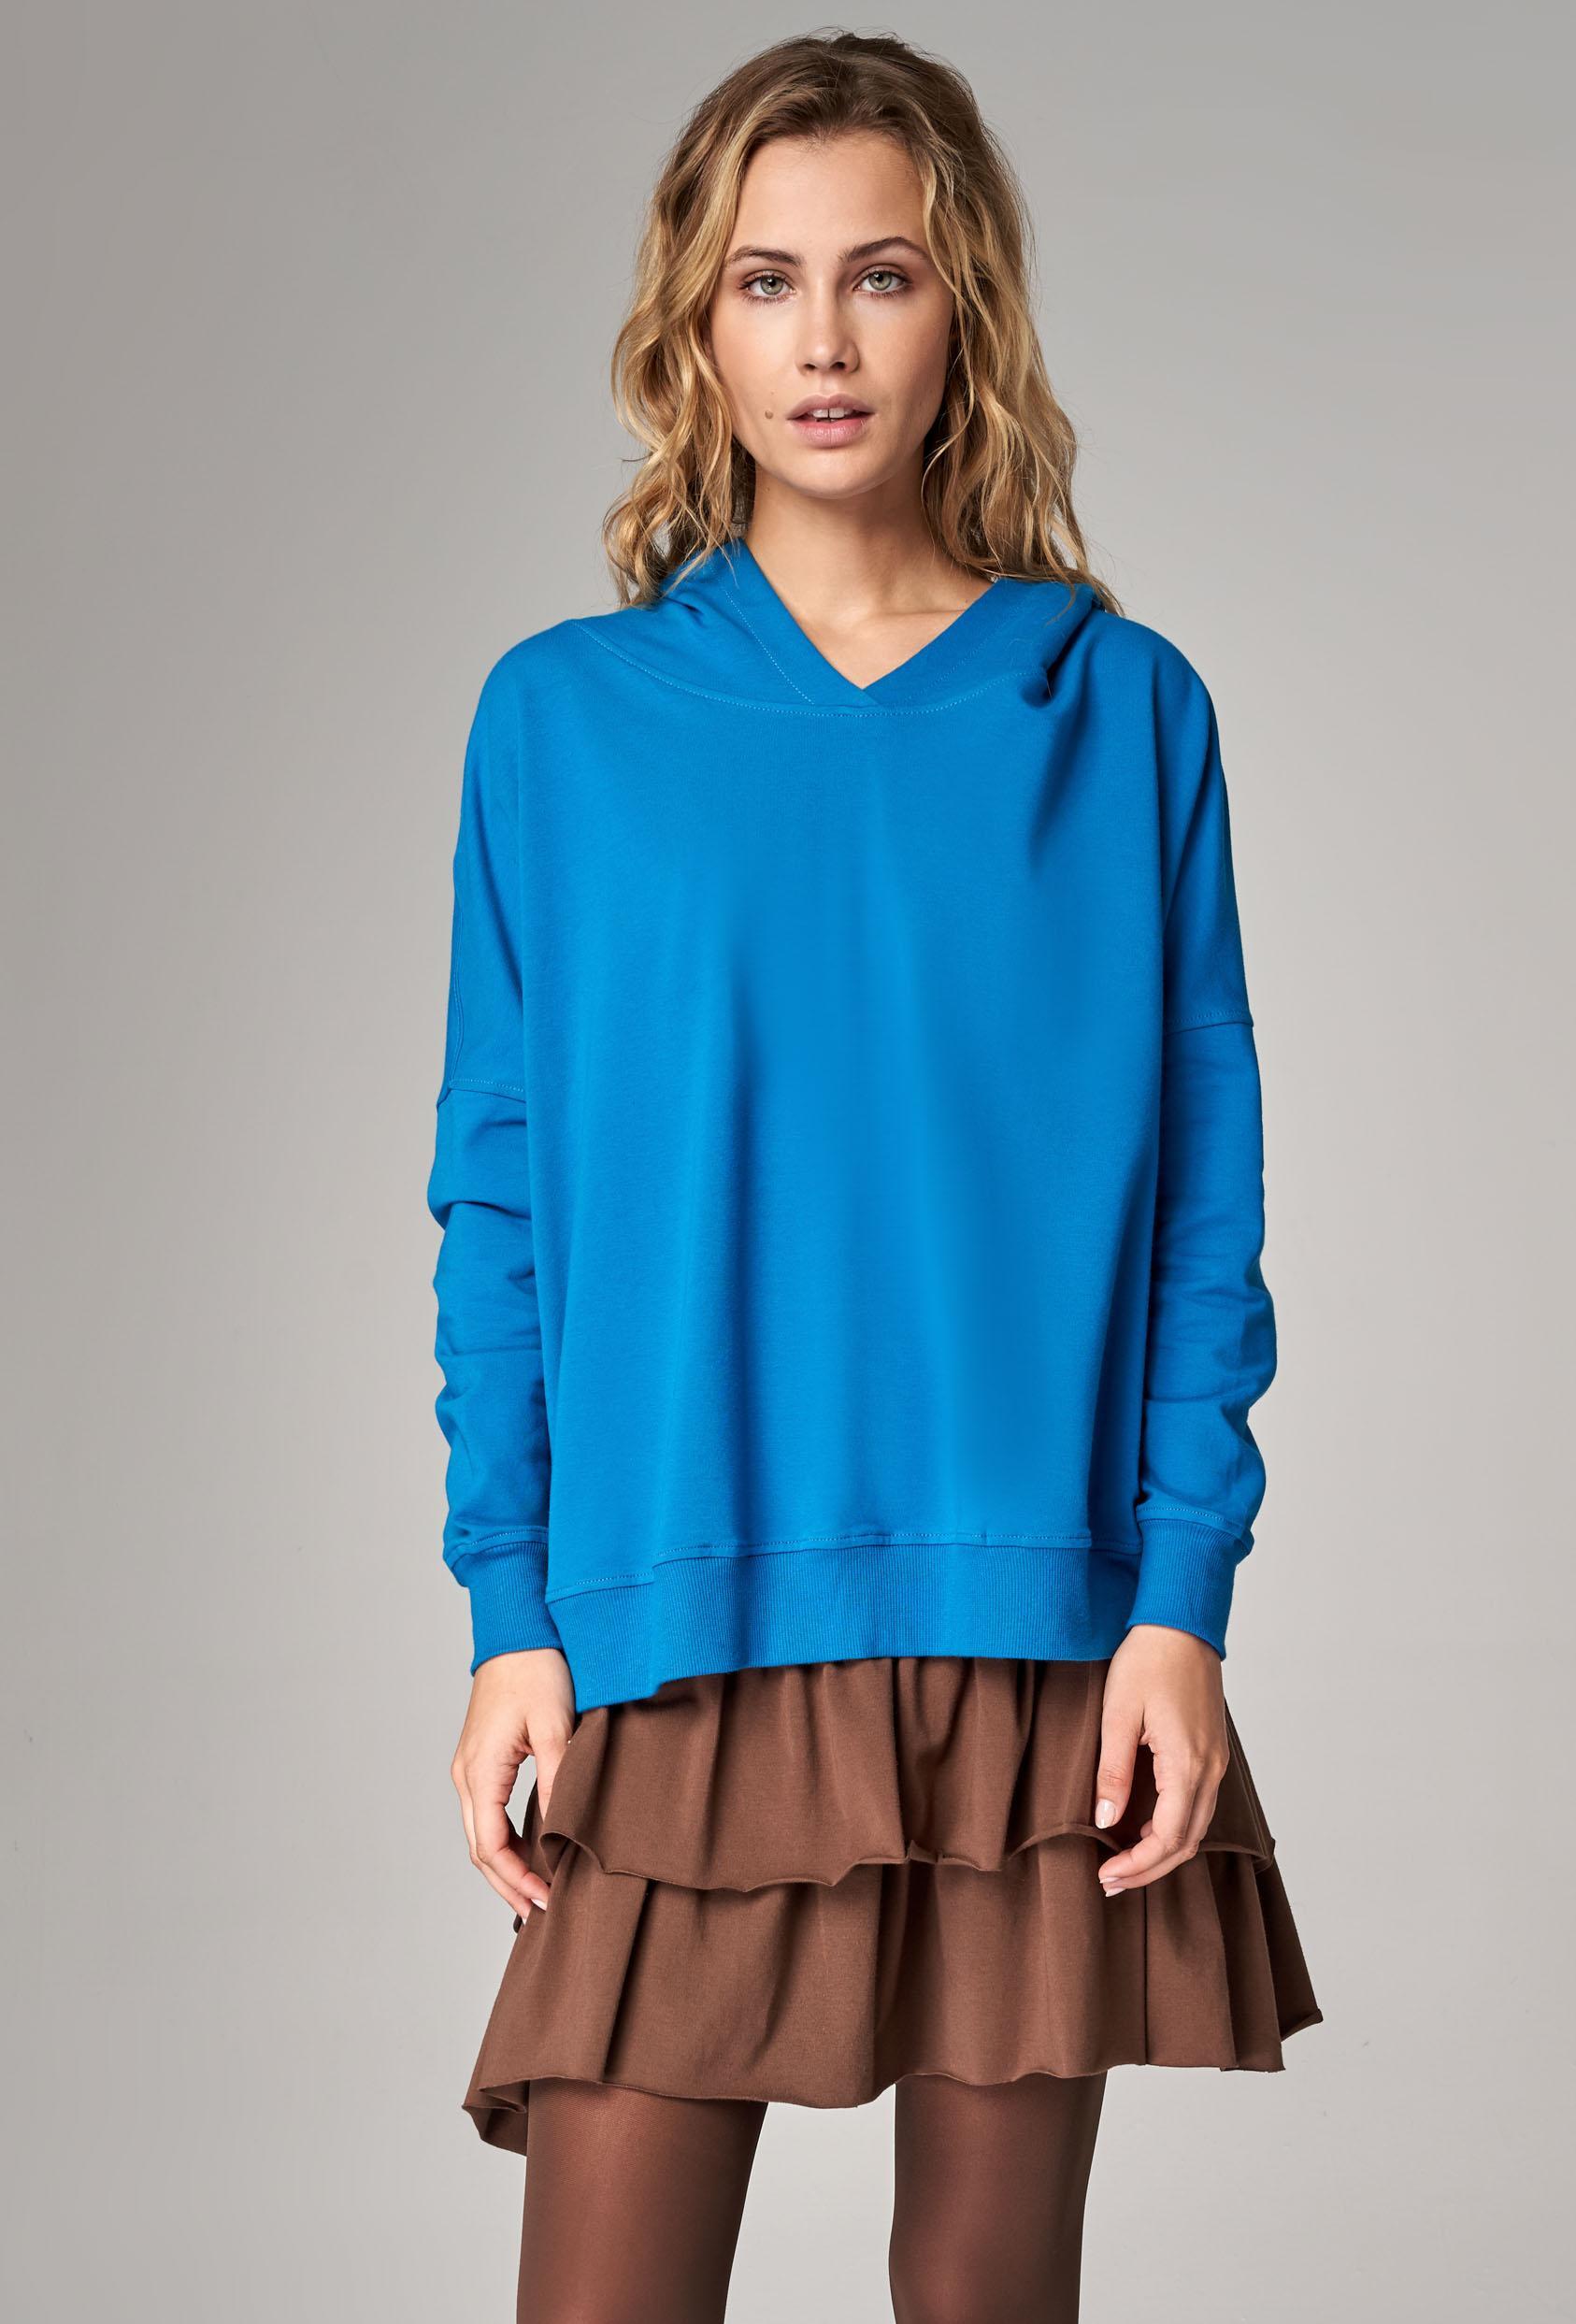 Bluza z kapturem EDEN JUMPER turkusowy